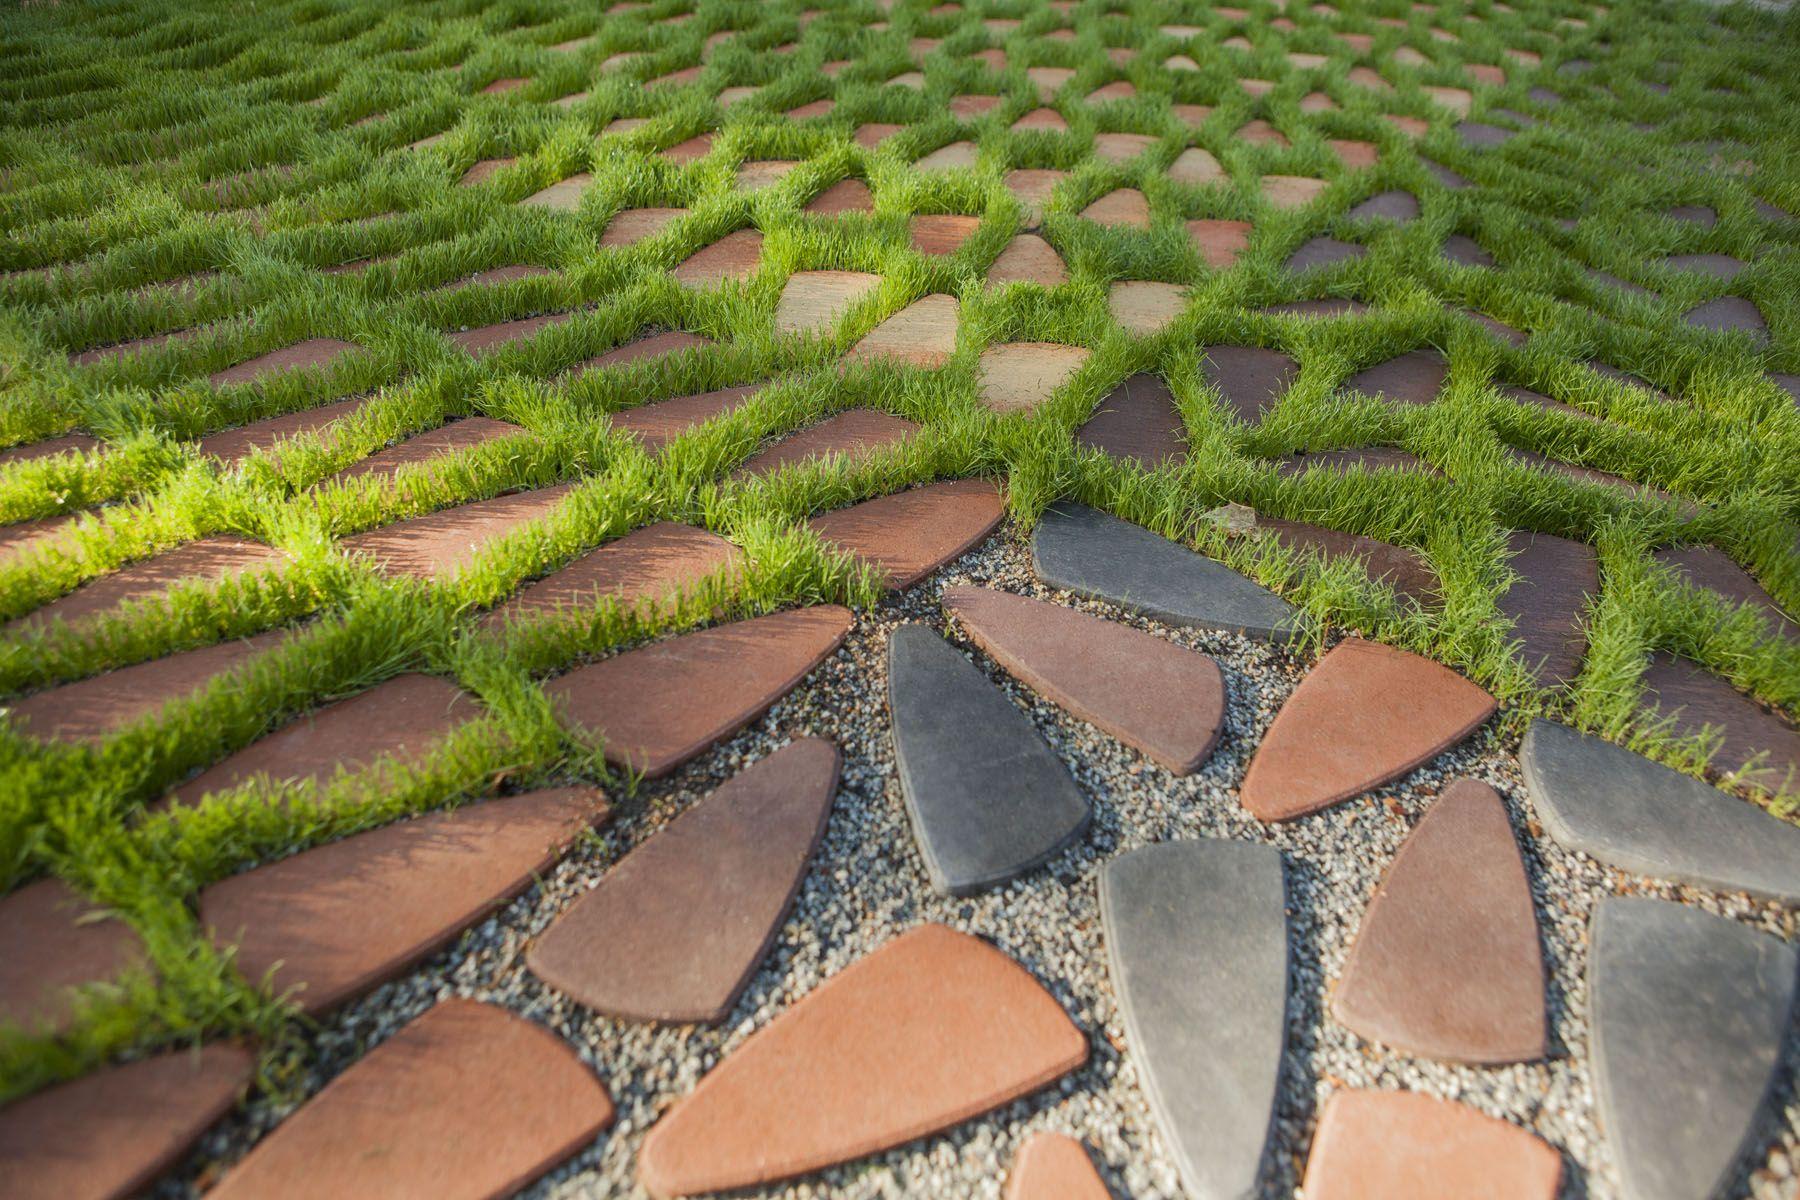 Beneficios eco suds breinco pavimento drenante for Como colocar adoquines en el jardin